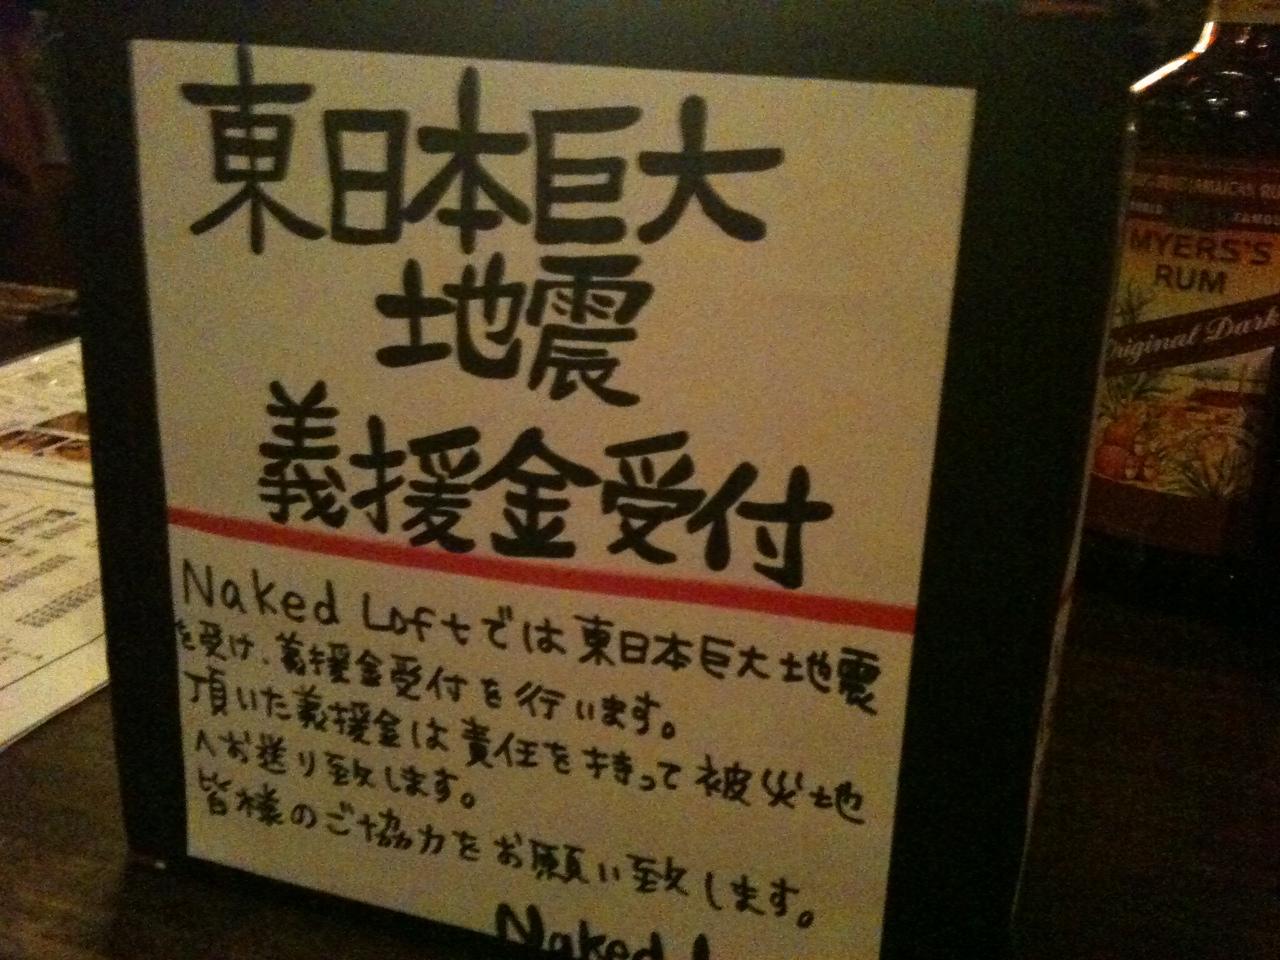 Naked Loft_c0227168_834239.jpg